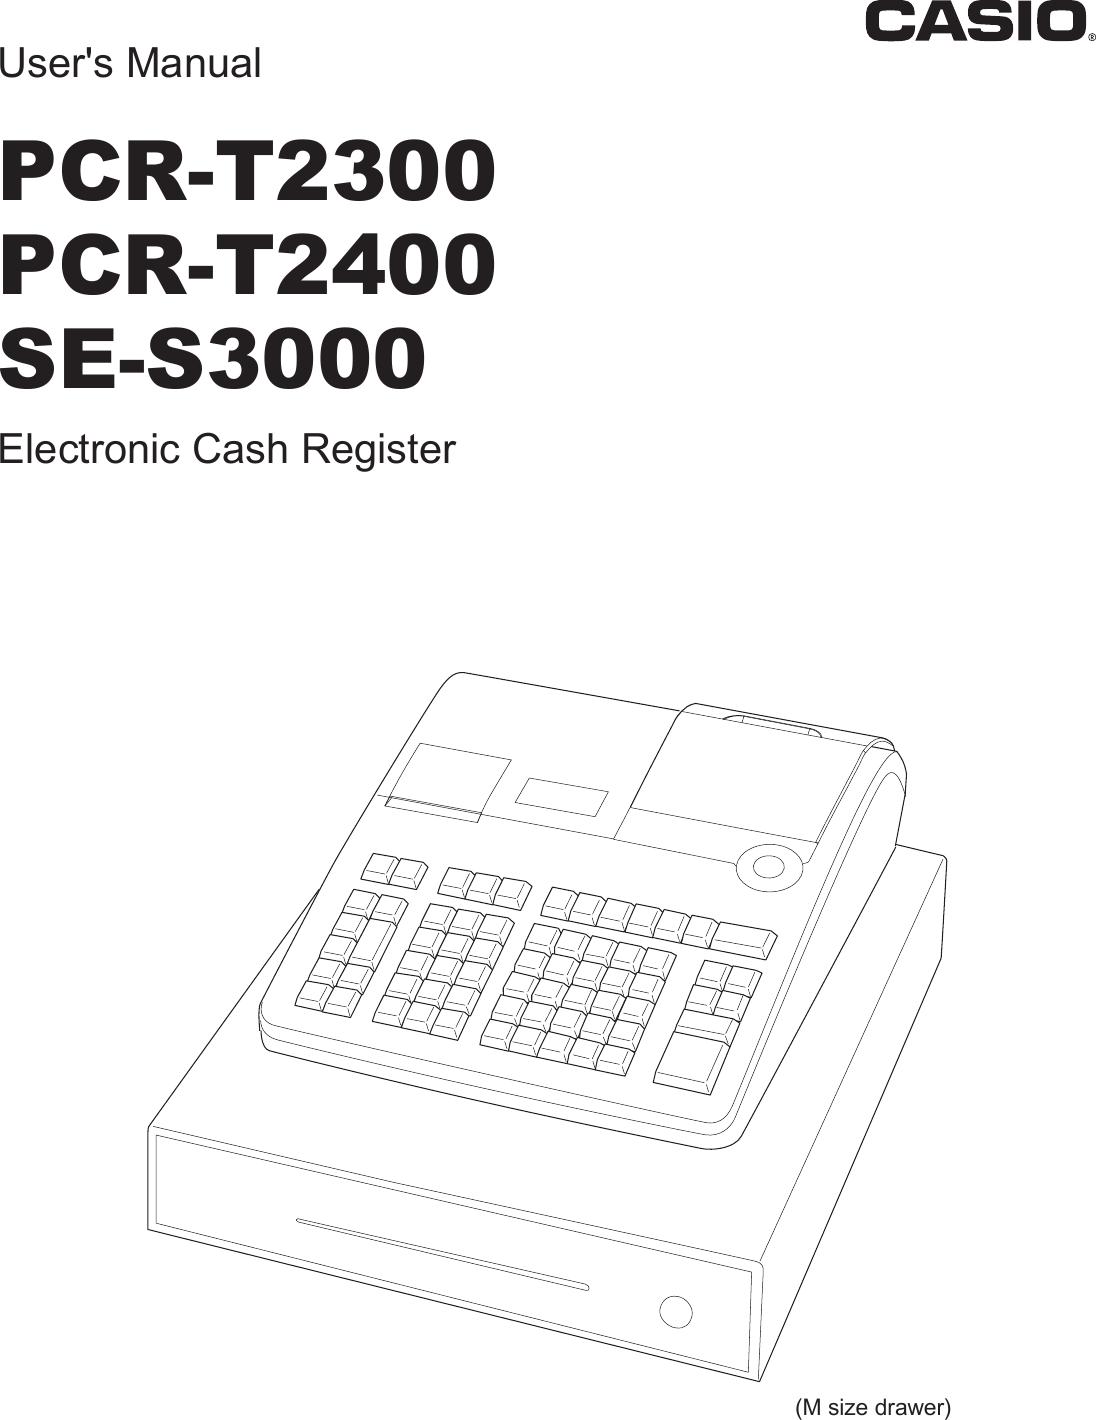 Casio Pcrt2300 Inc E Owners Manual